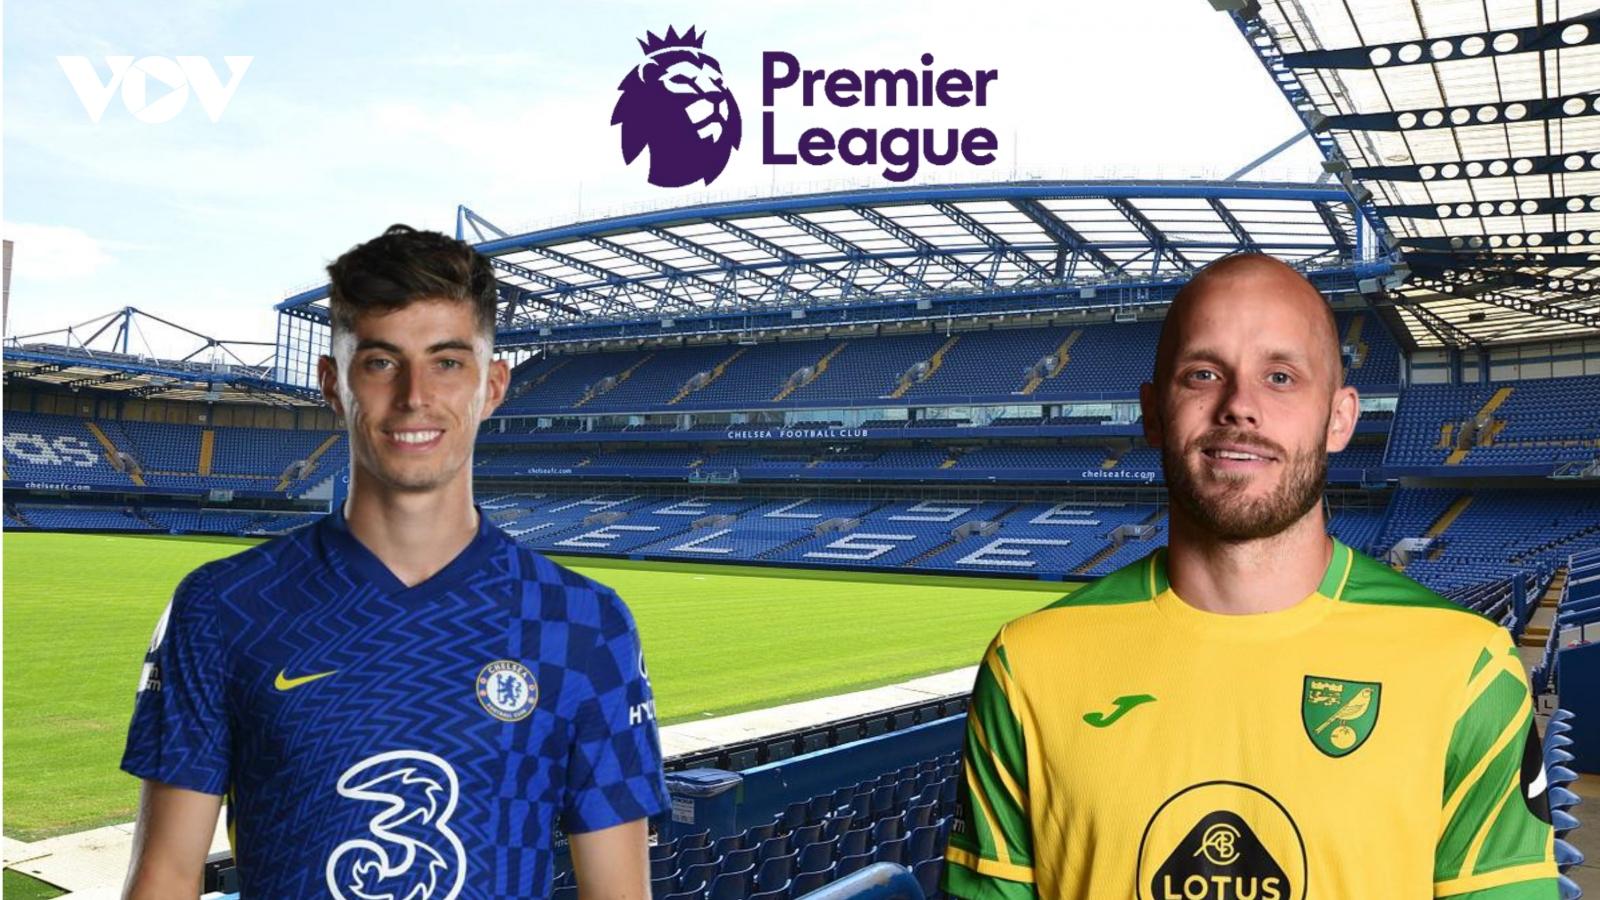 Dự đoán kết quả, đội hình xuất phát trận Chelsea - Norwich